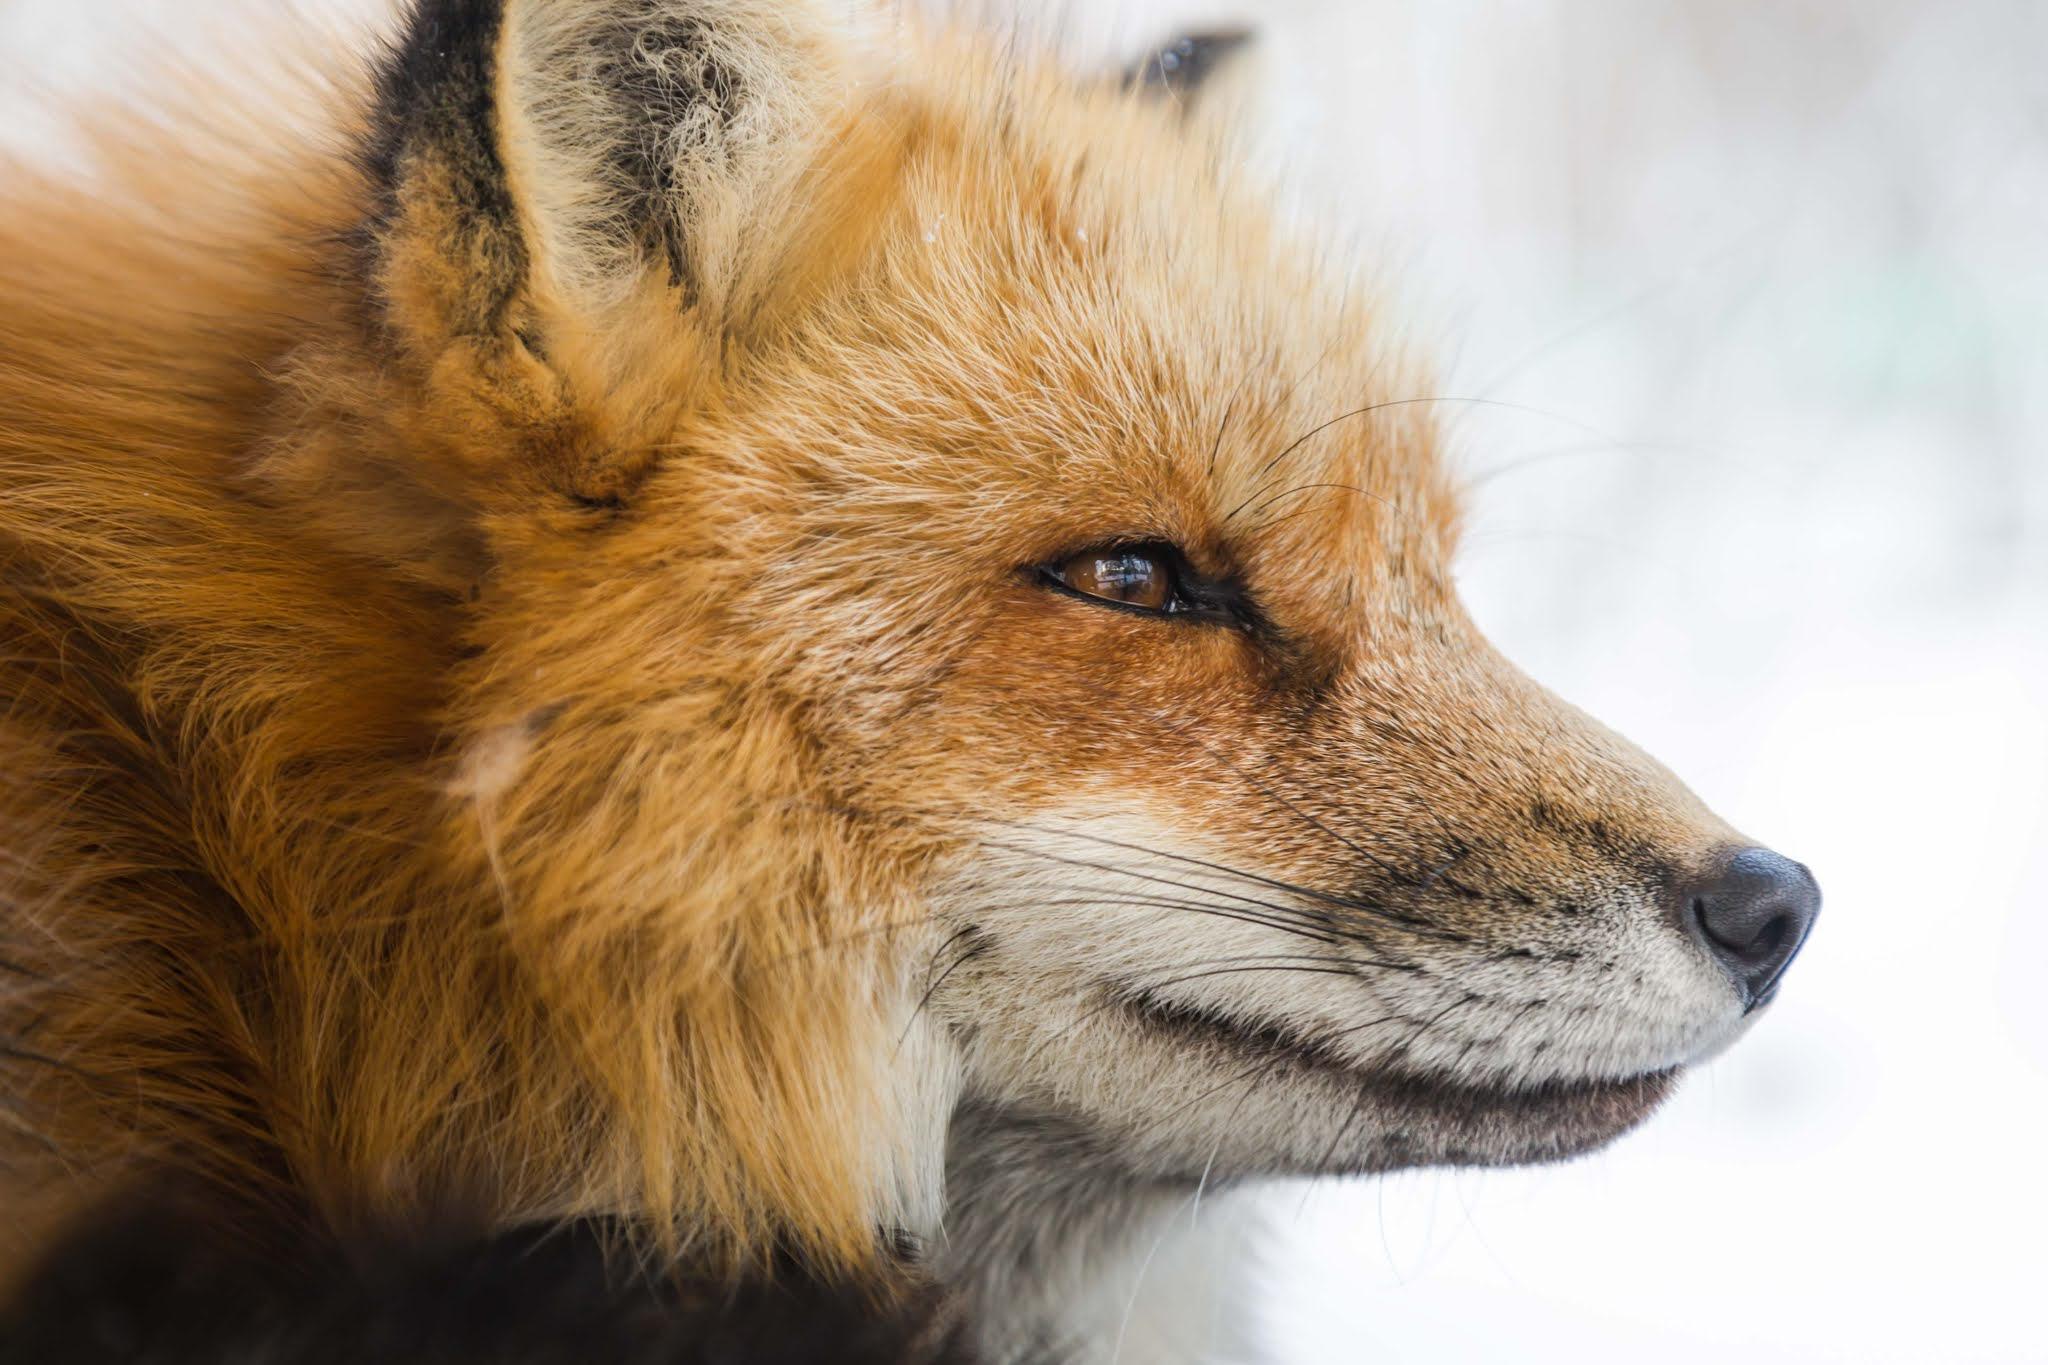 الثعلب من الحيوانات التي تصطاد باستخدام المجال المغناطيسي